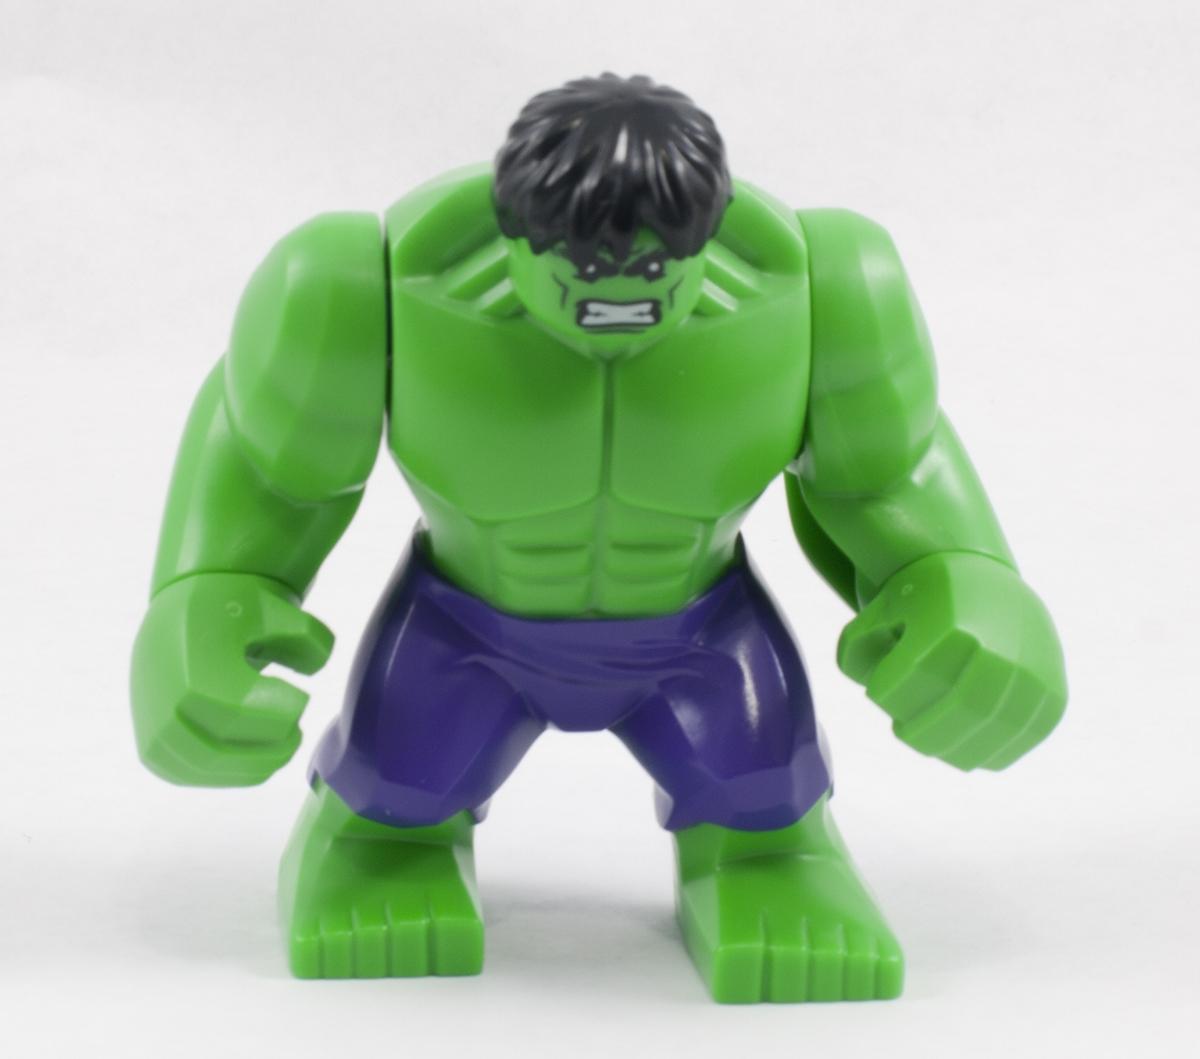 ΠΡΑΣΙΝΟ ΜΕΛΙ - Σελίδα 2 76018-Hulk